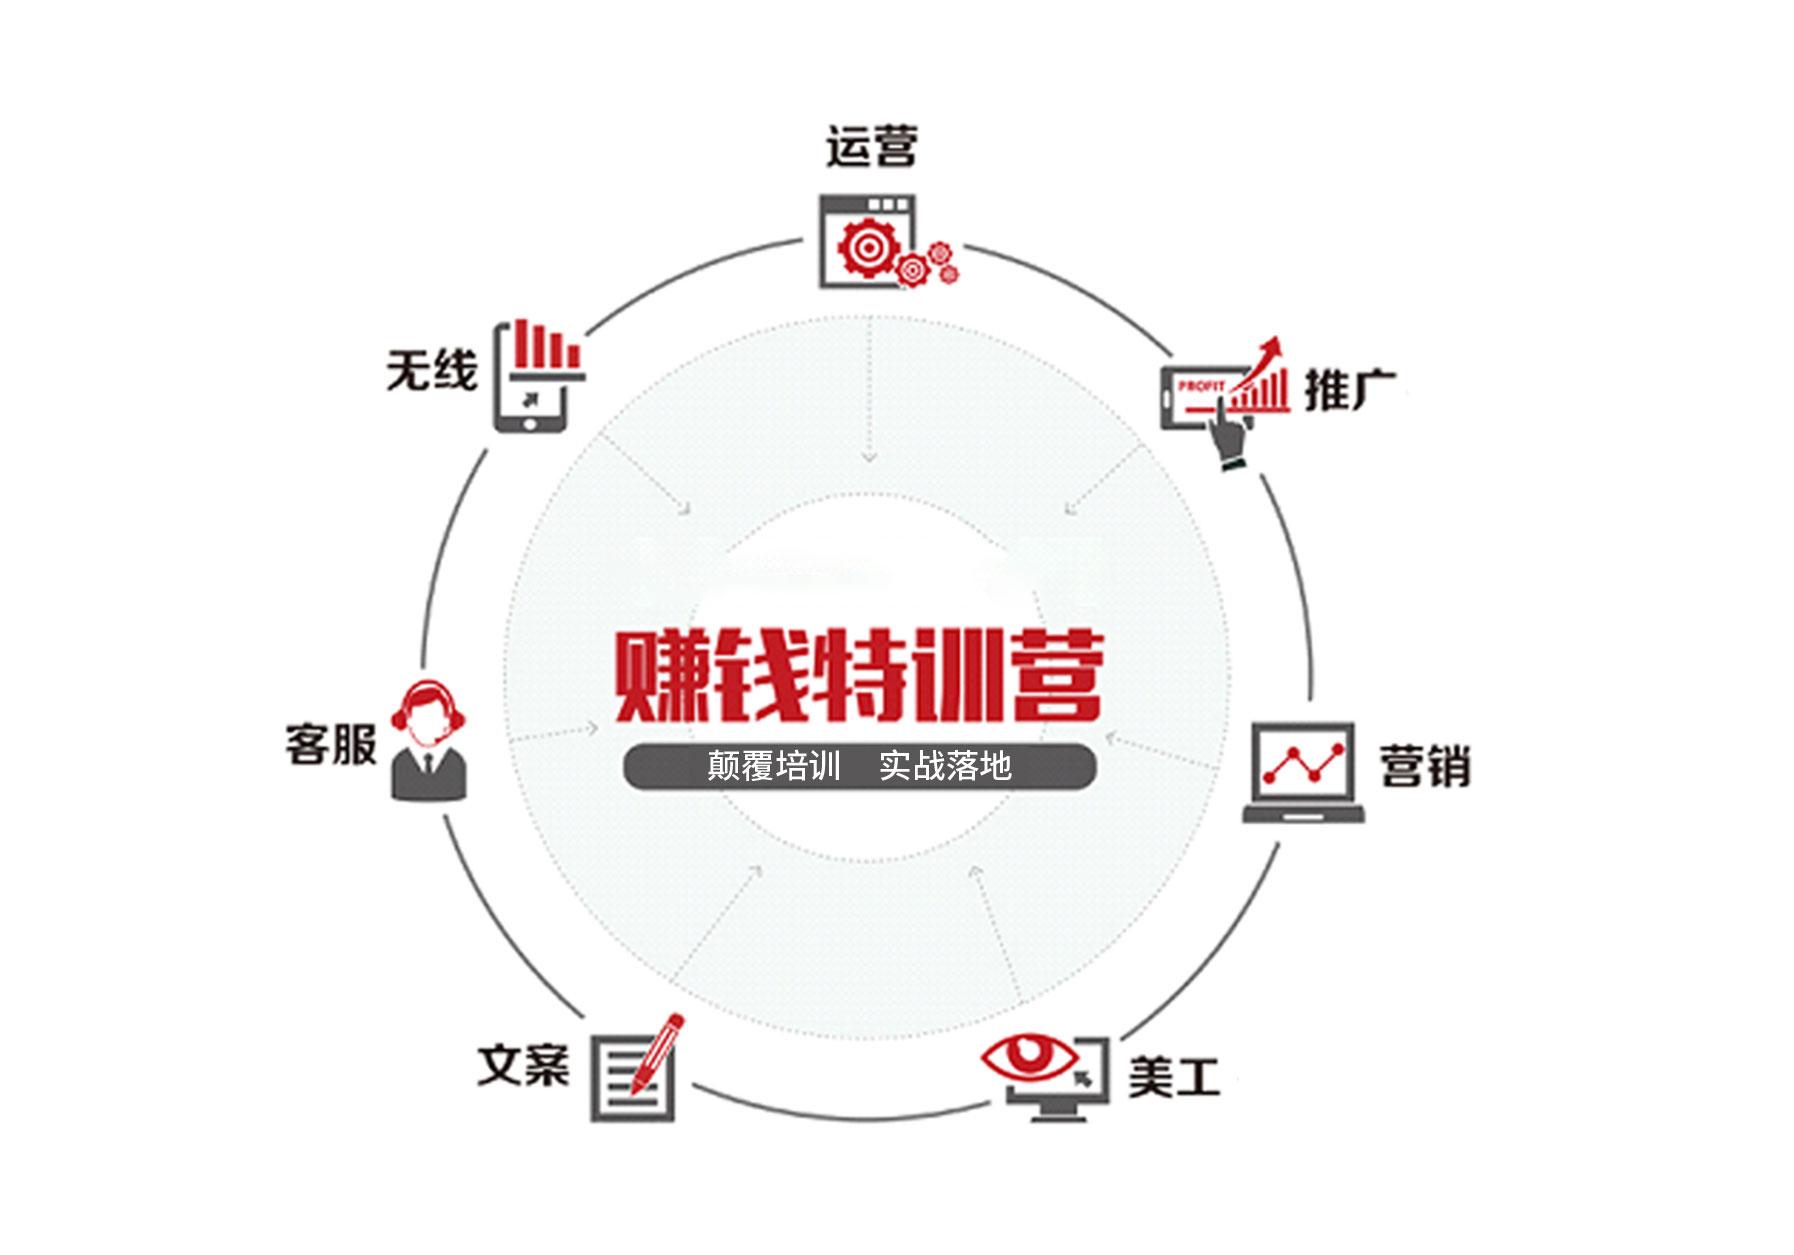 镇江润州区电商培训班